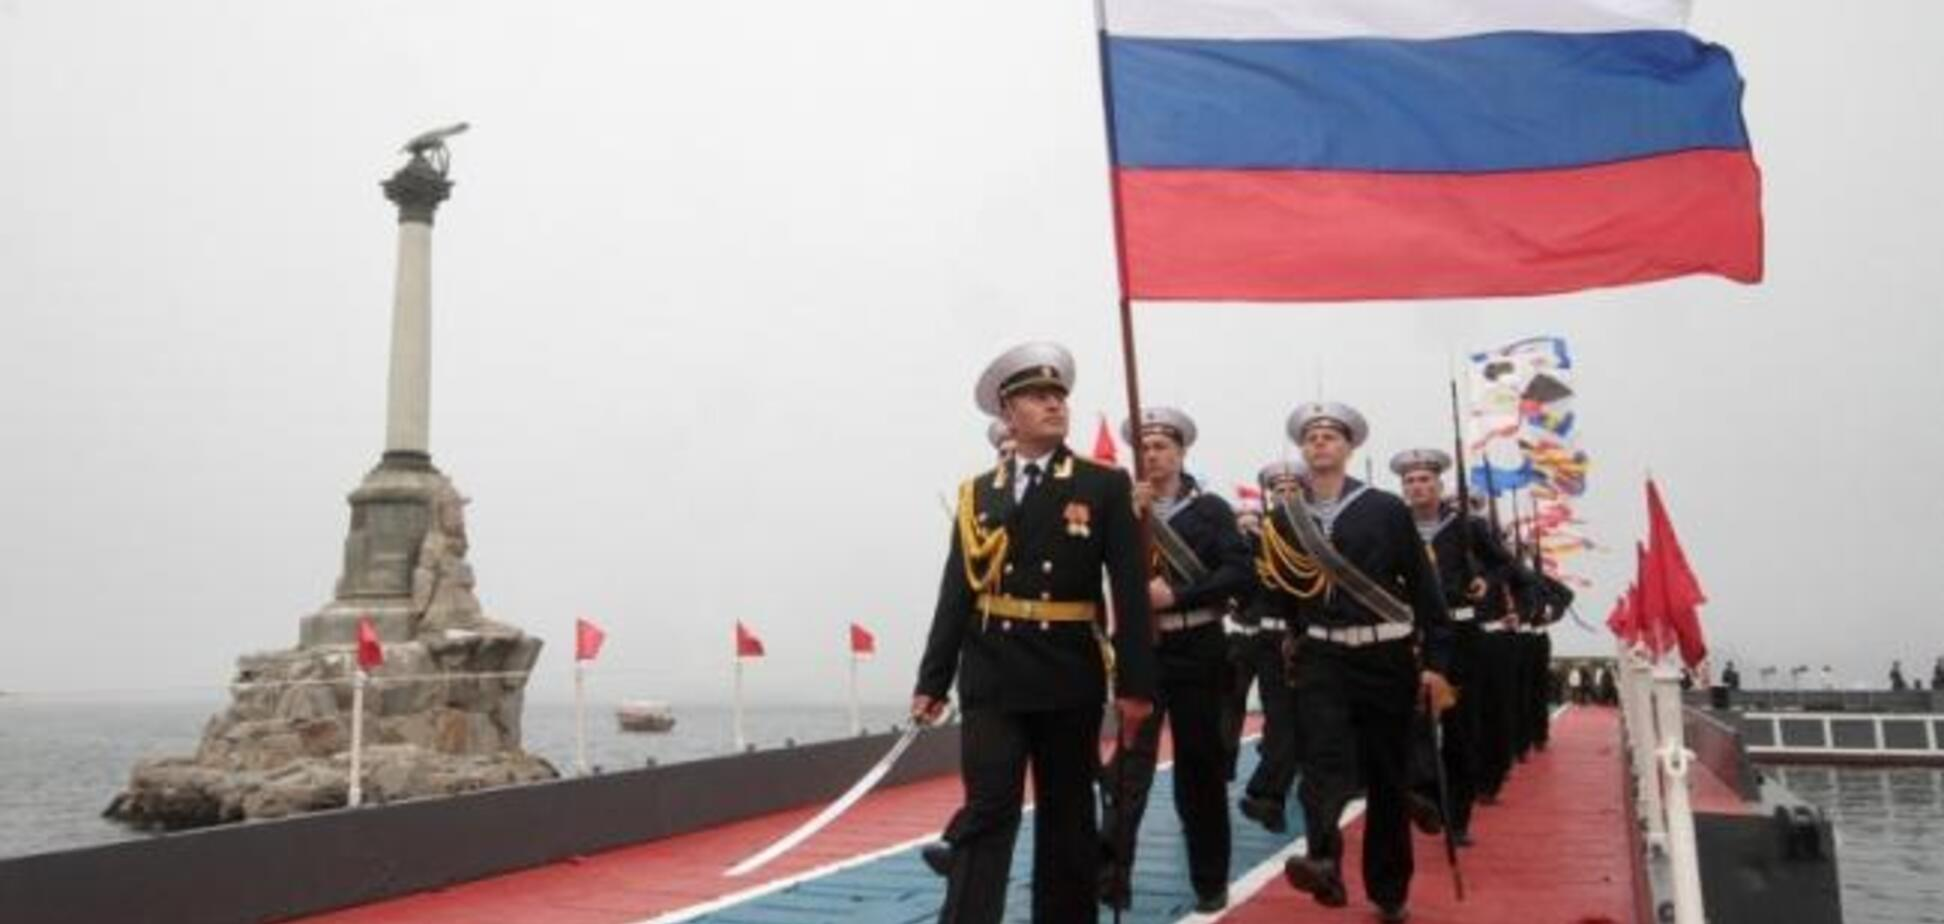 Ядерное оружие в Крыму: Умеров поделился тревожными данными